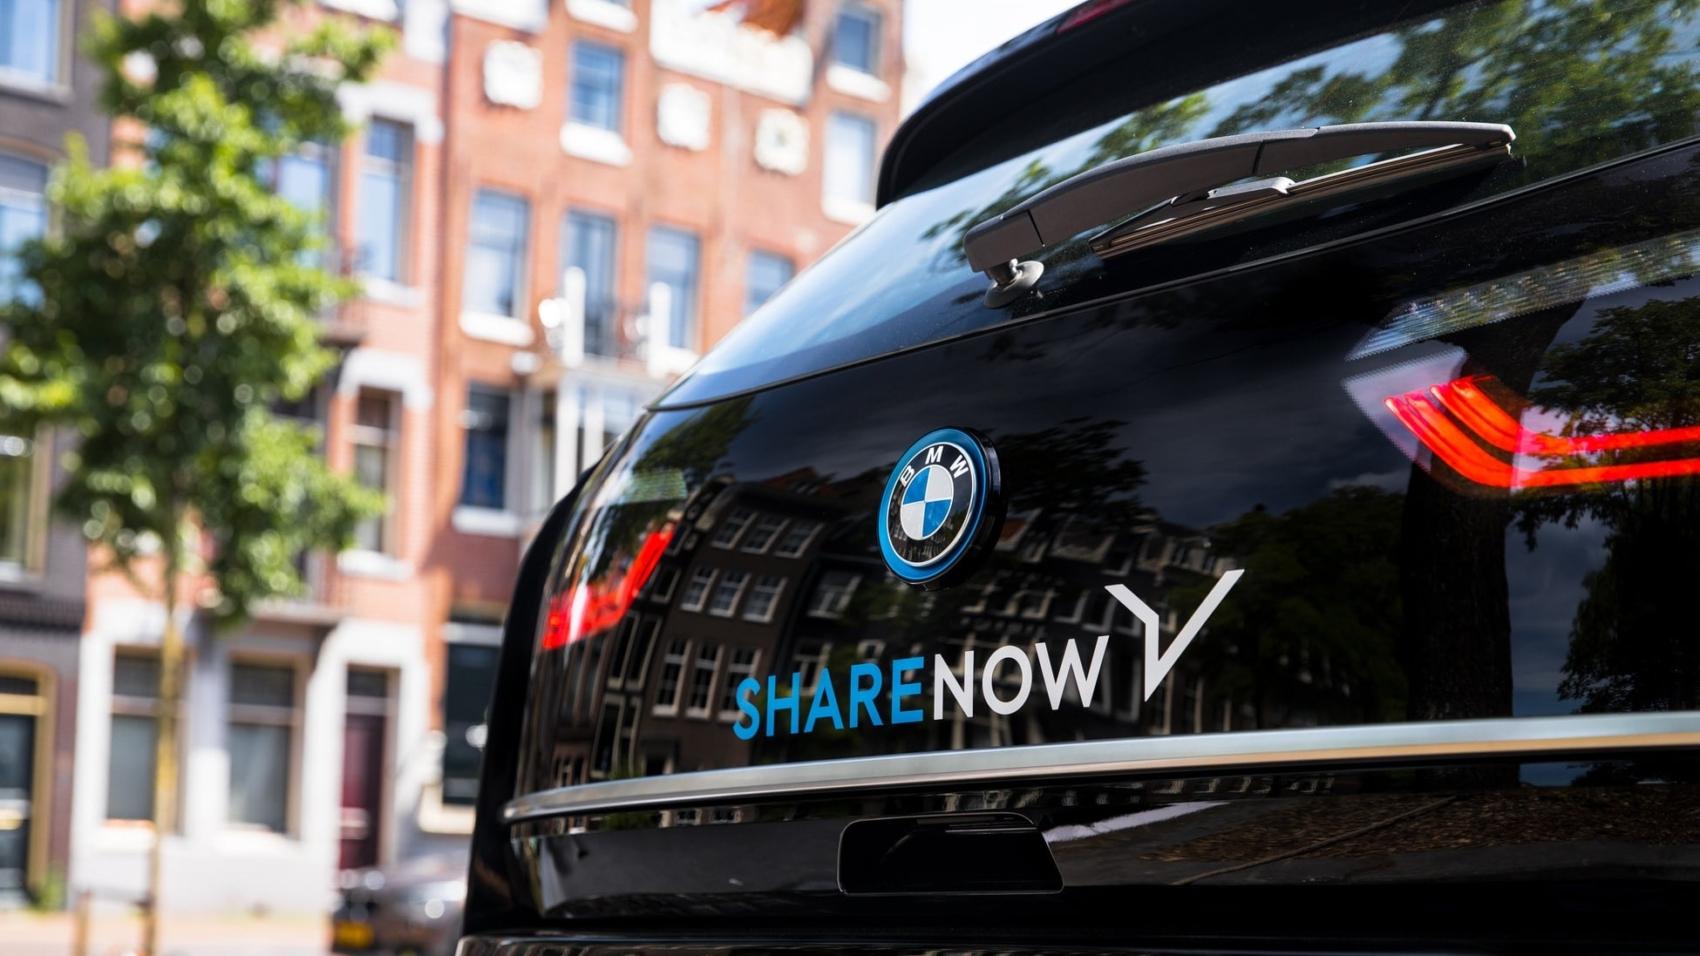 titelbild-autounfall-mit-carsharing-fahrzeug-sharenow